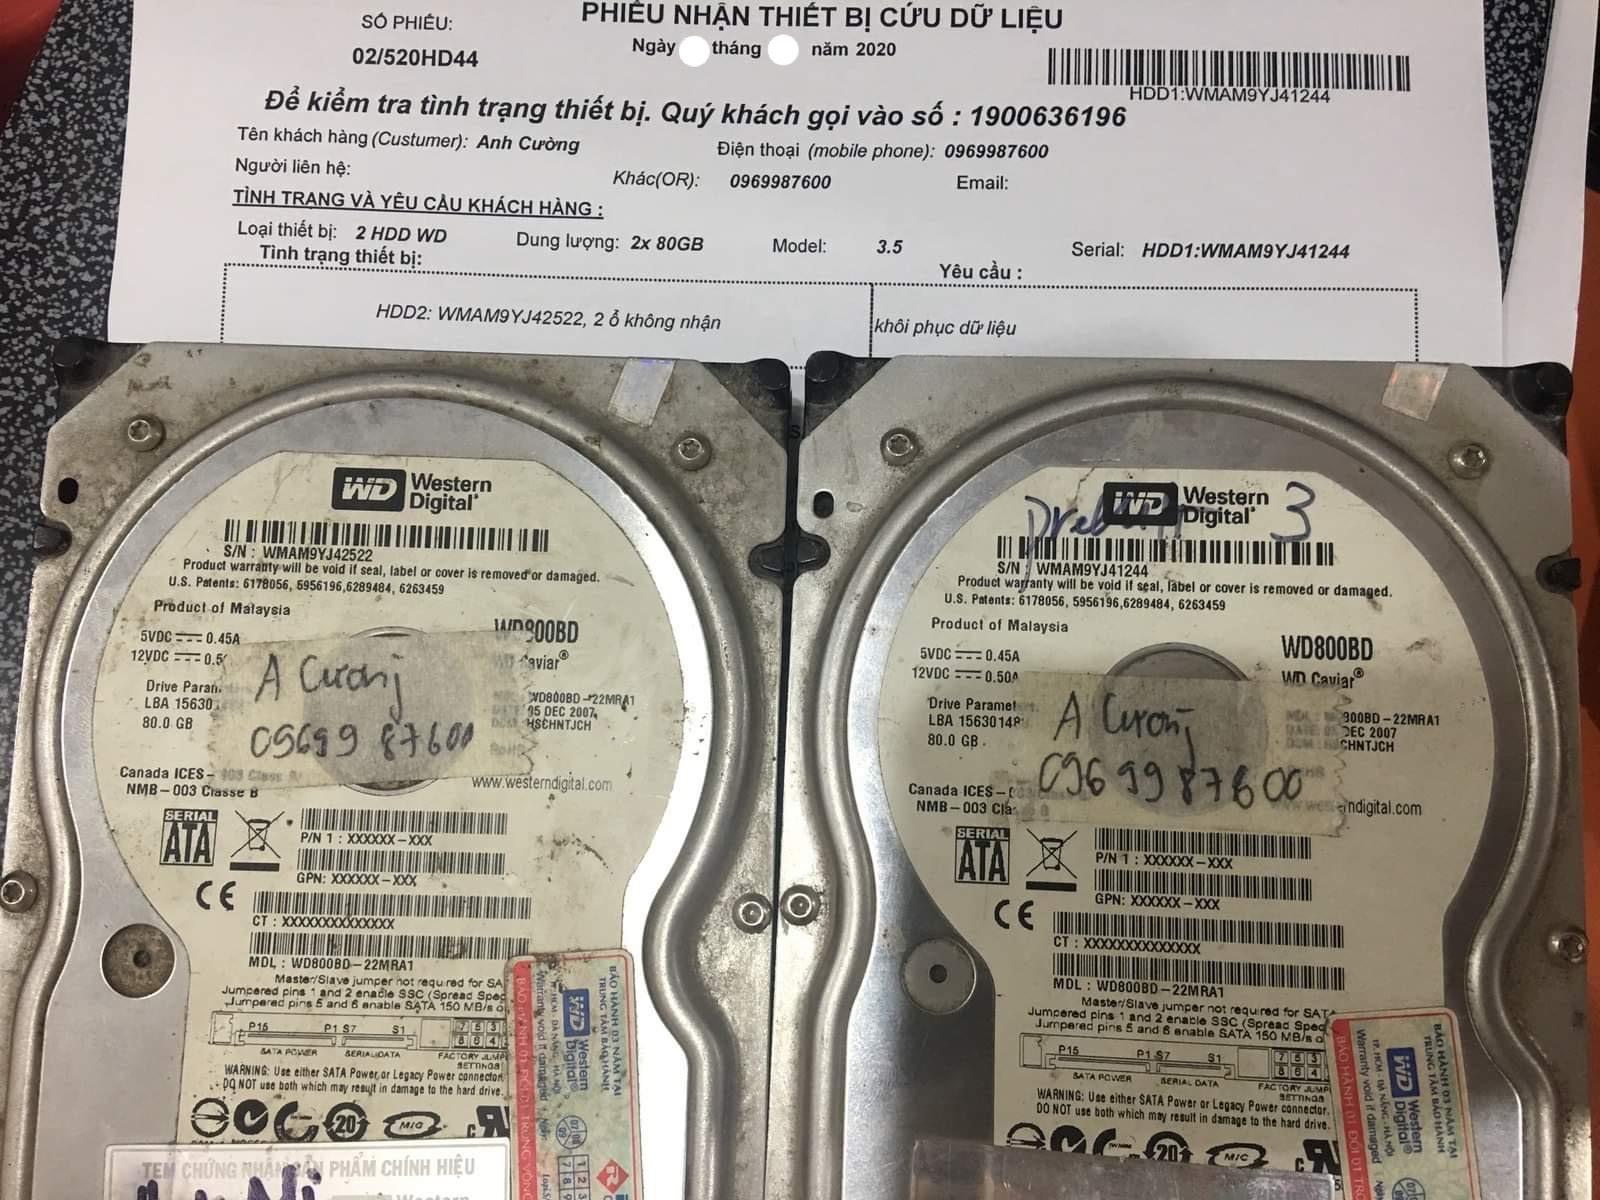 Khôi phục dữ liệu ổ cứng Western 80GB không nhận 04/06/2020 - cuumaytinh